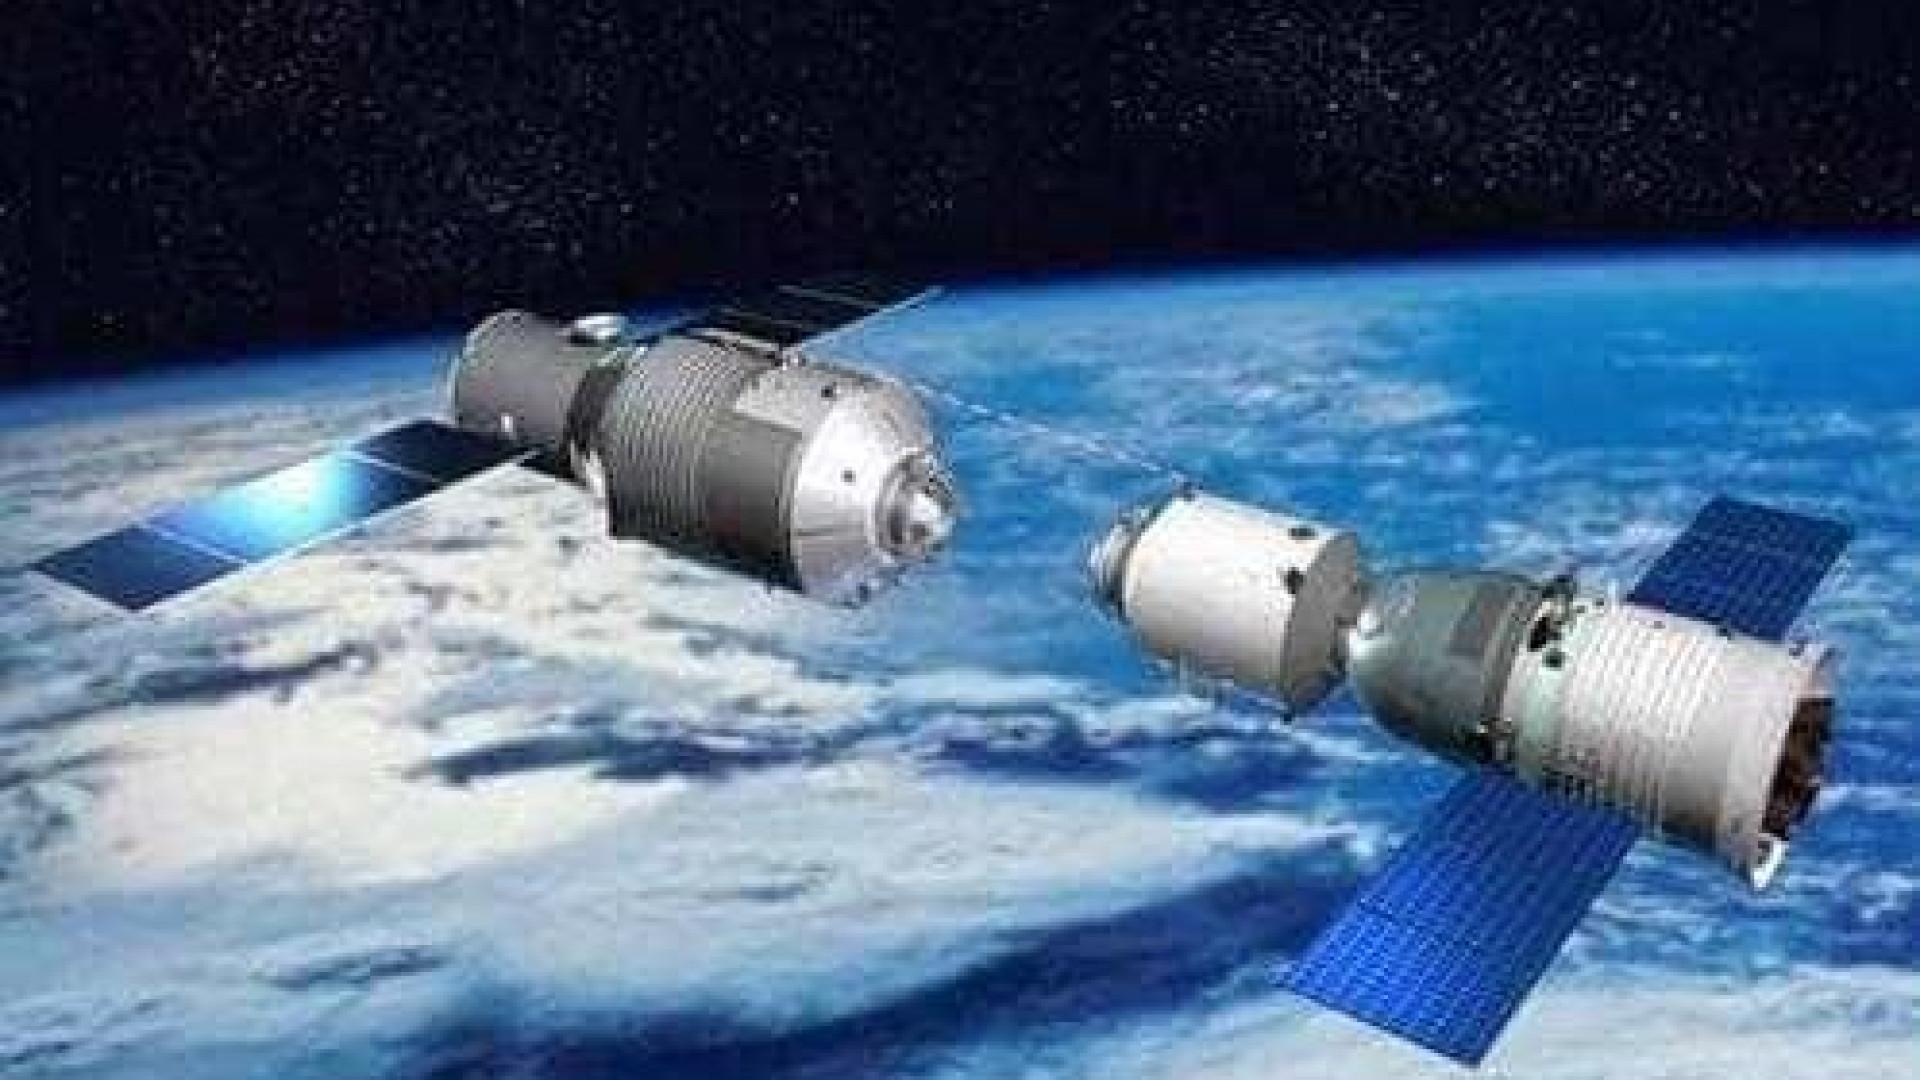 Estação espacial chinesa vai despenhar-se na Terra dentro de meses